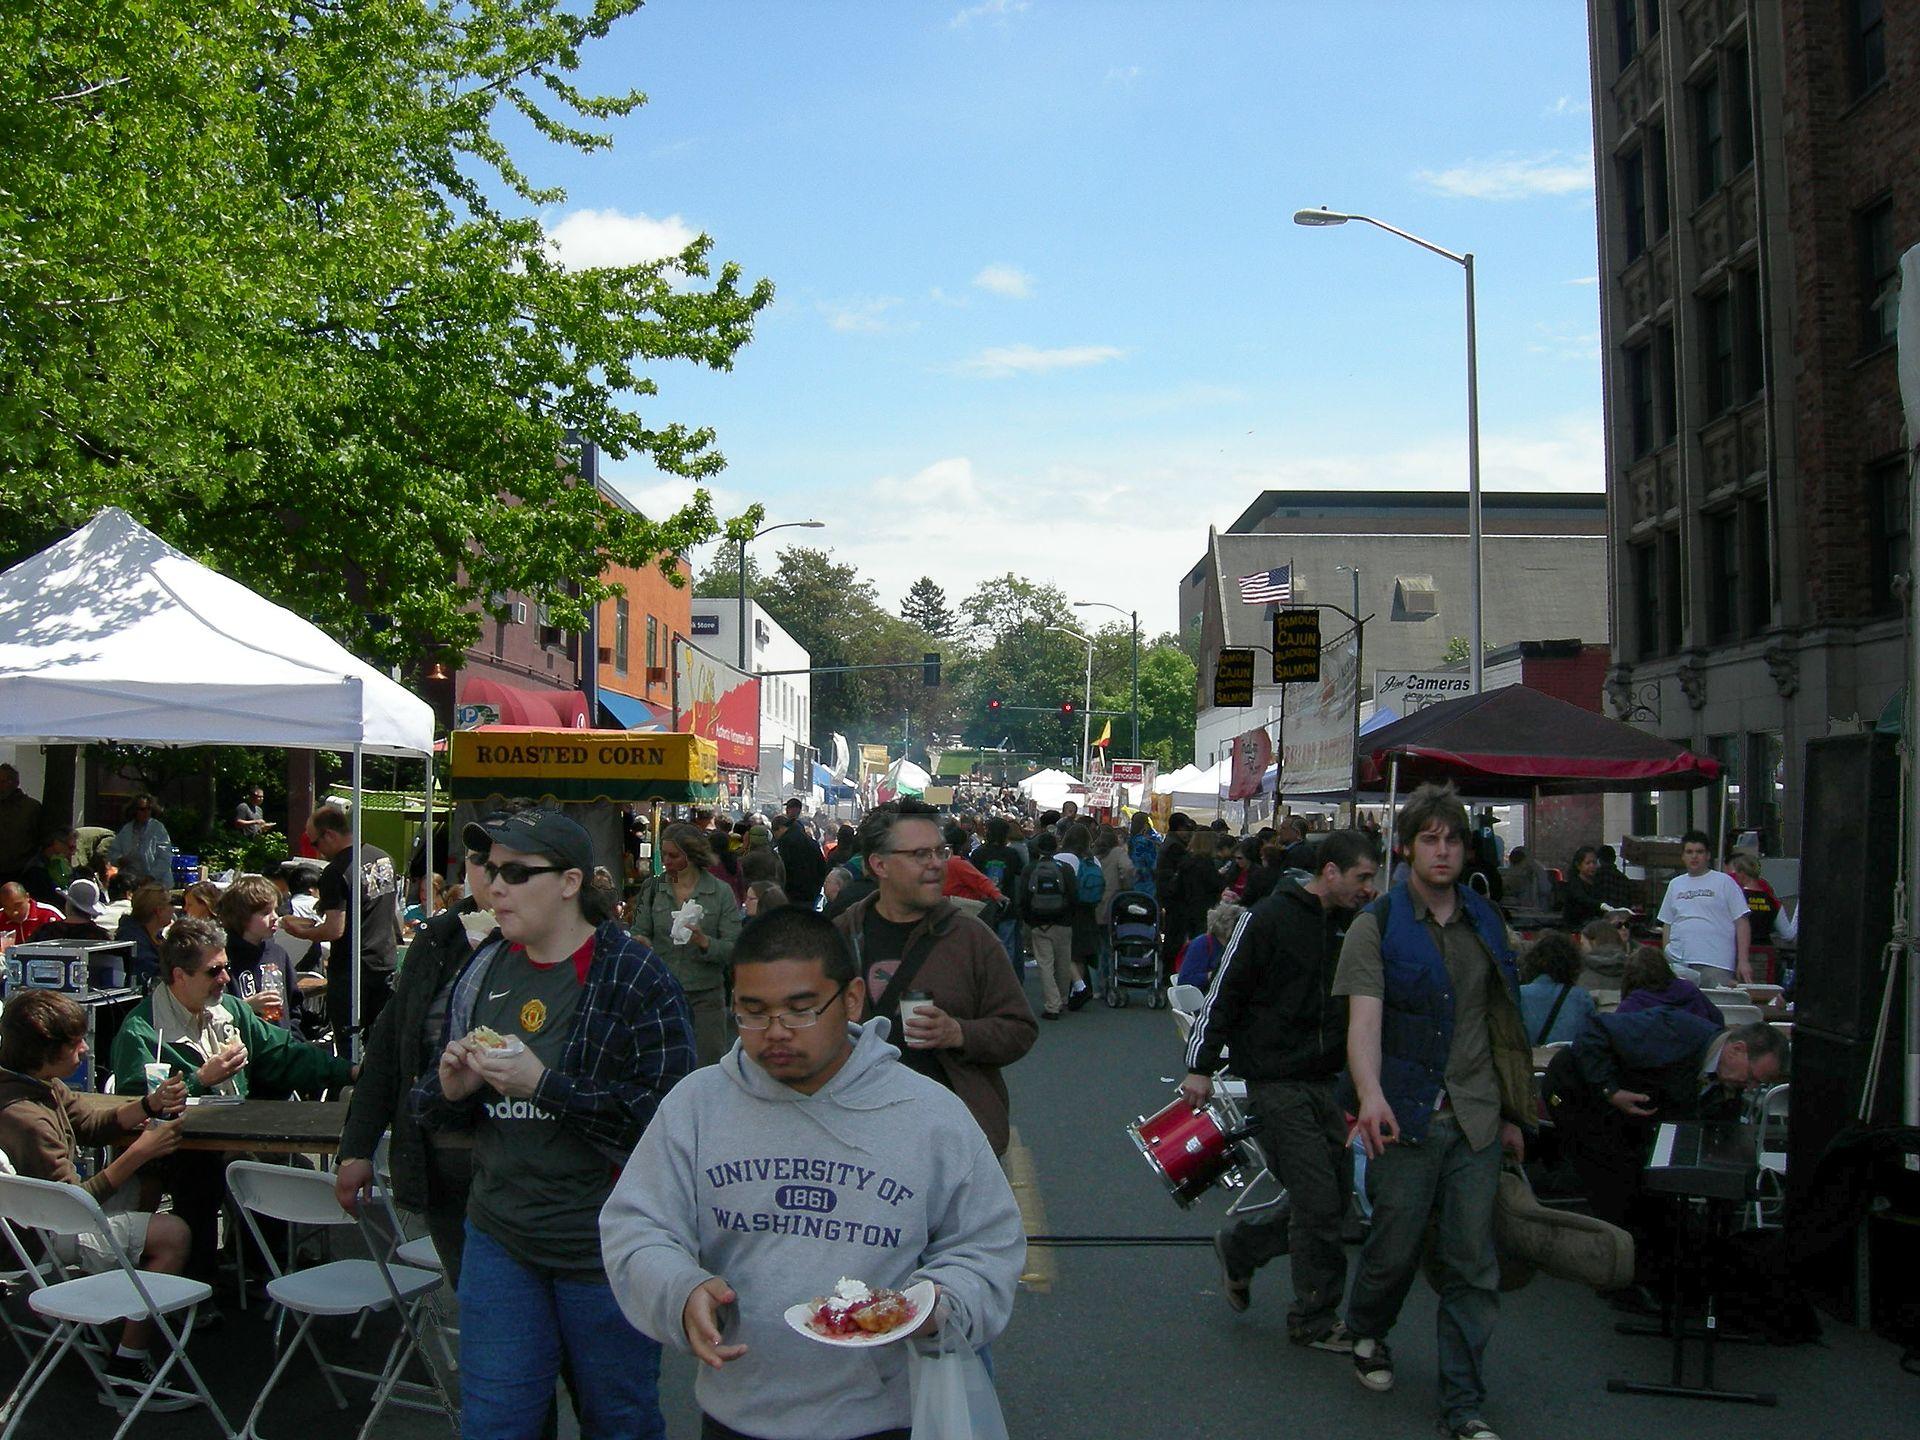 University DIstrict Street Fair.  Photo by Joe Mabel, CC BY-SA 3.0